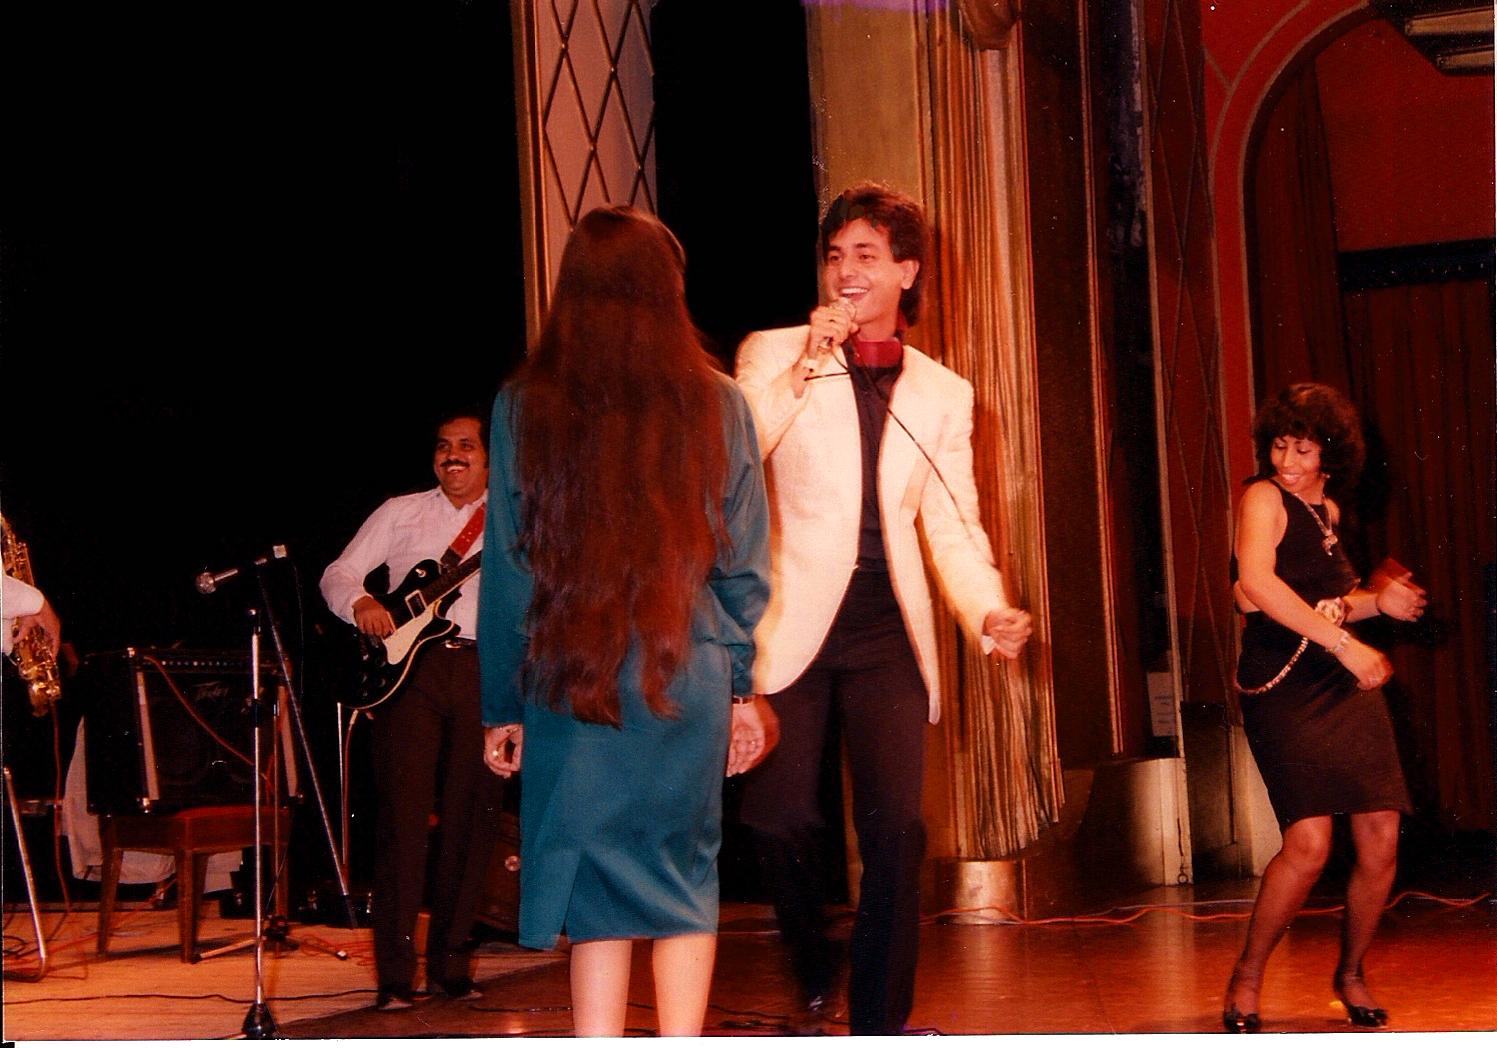 Ruhan making young girls dance